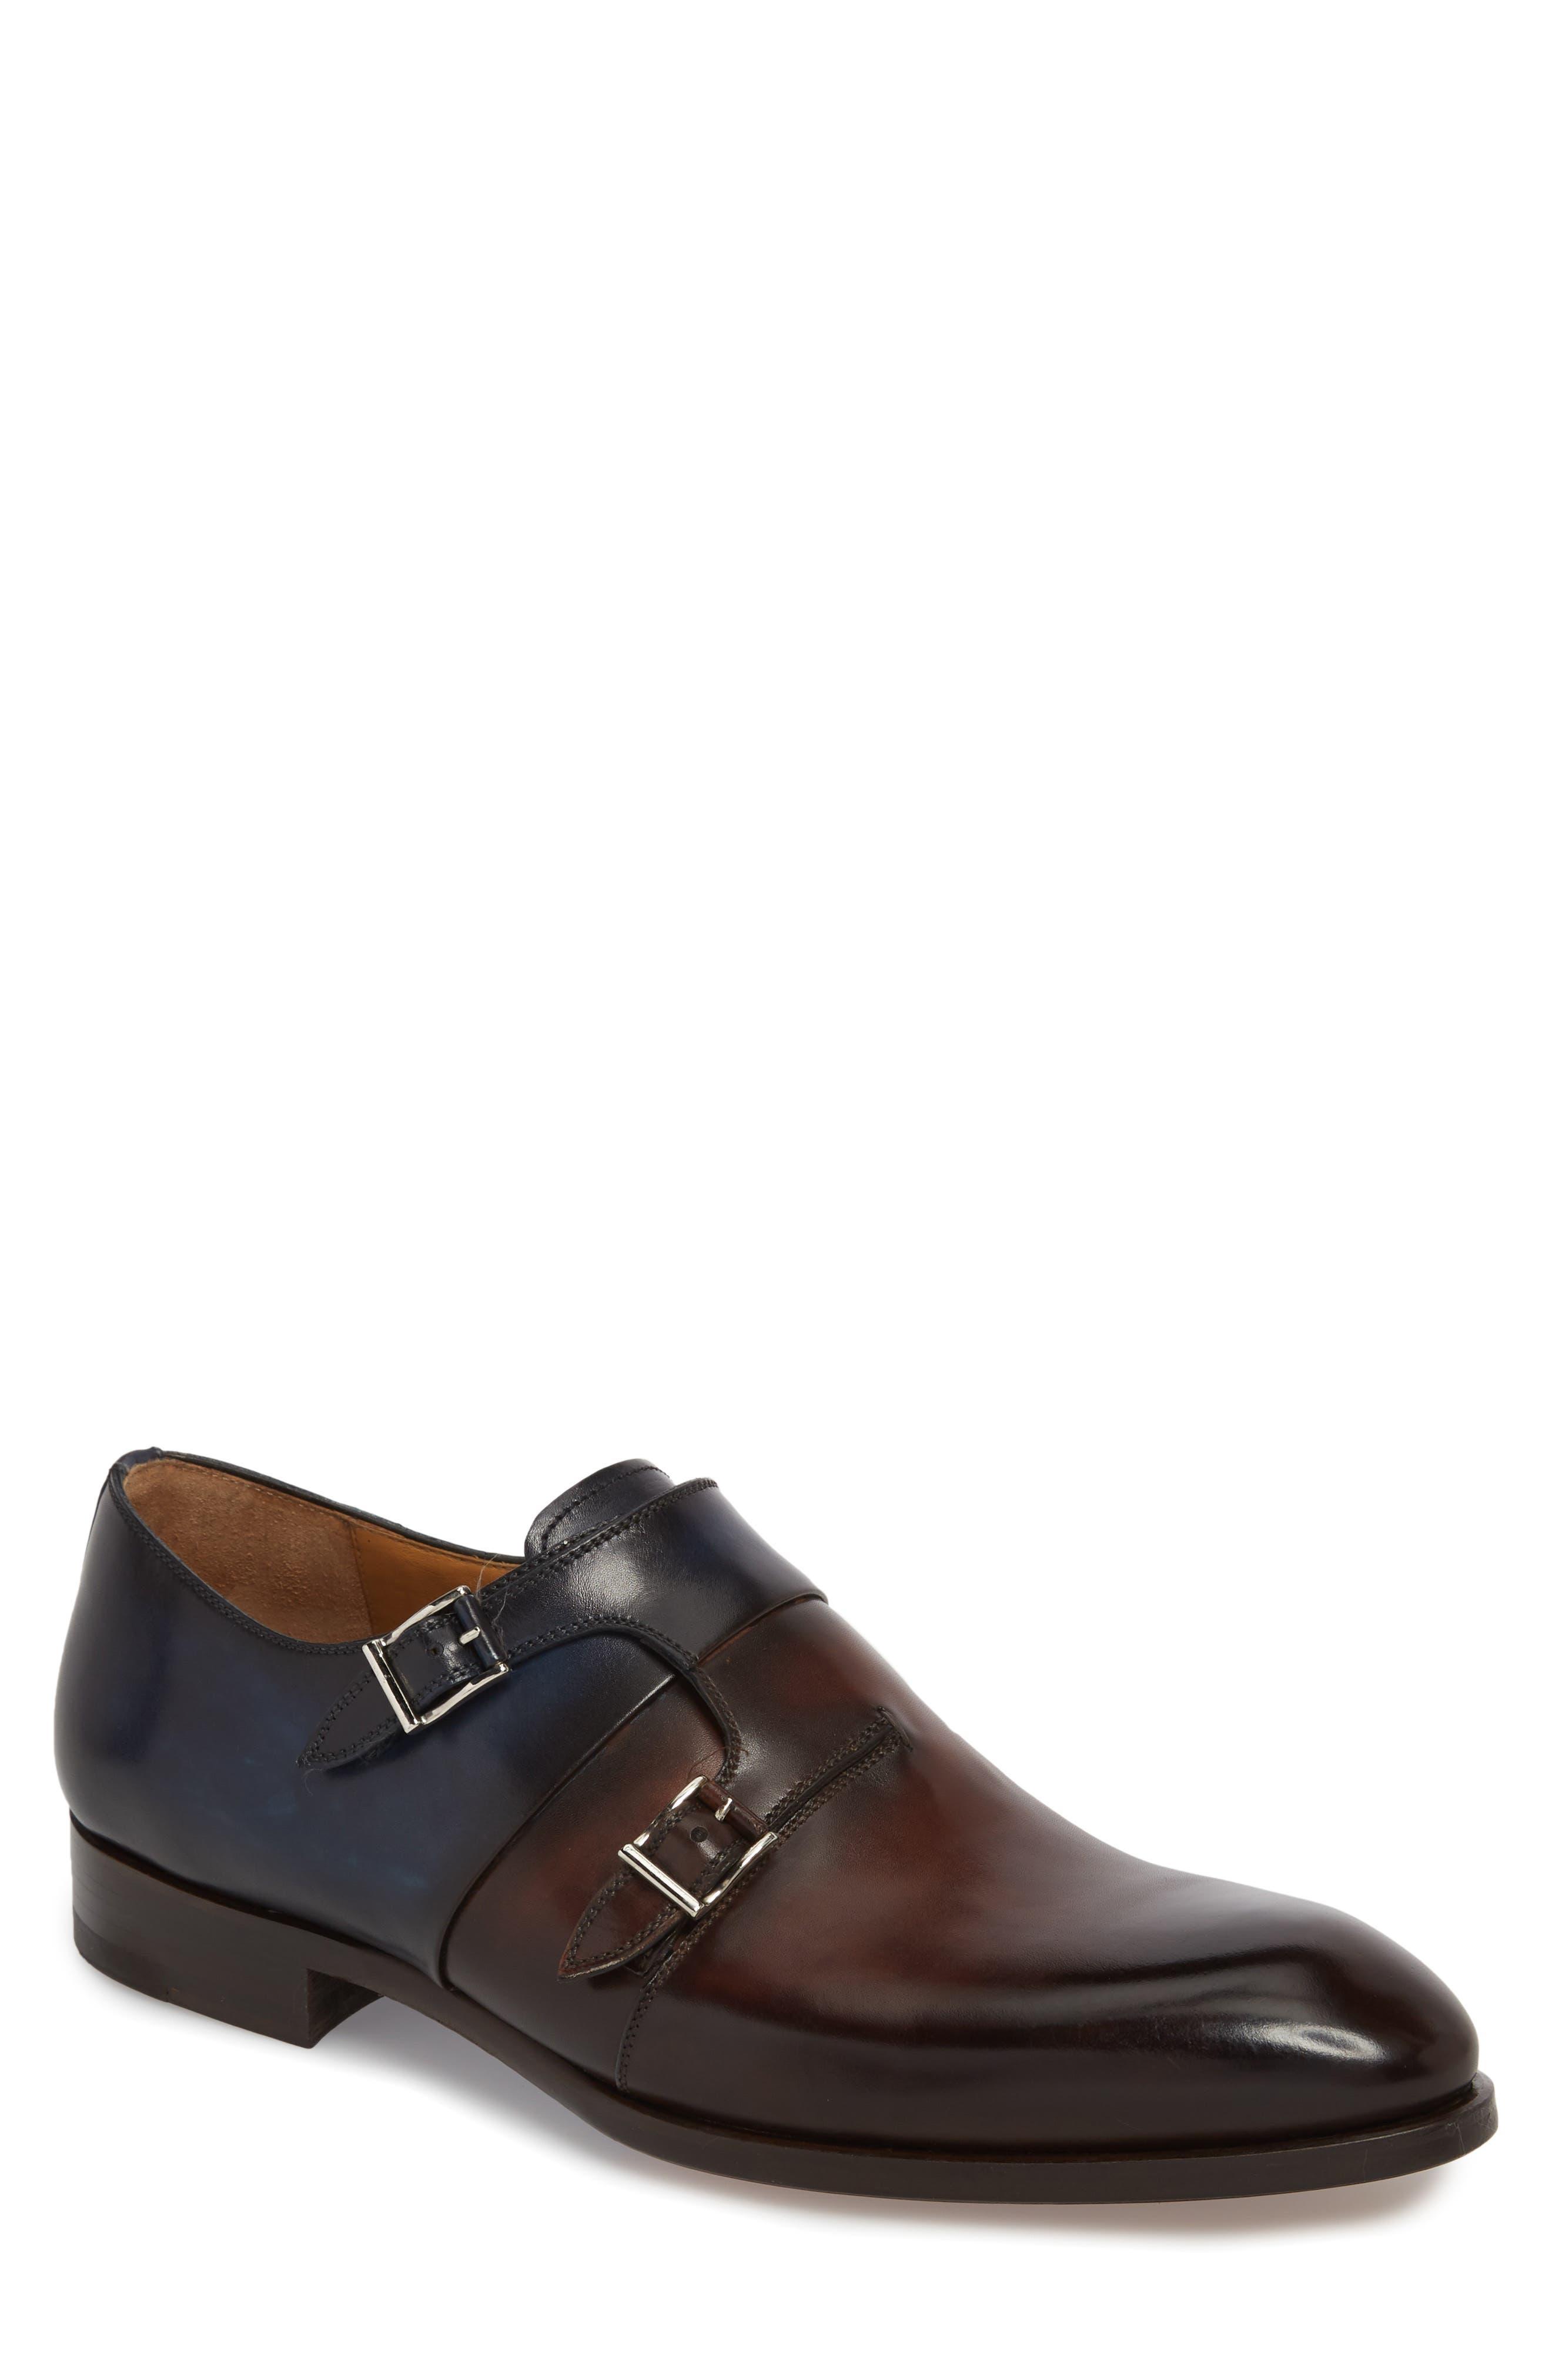 Magnanni Rooney Two-Tone Double Buckle Monk Shoe (Men)